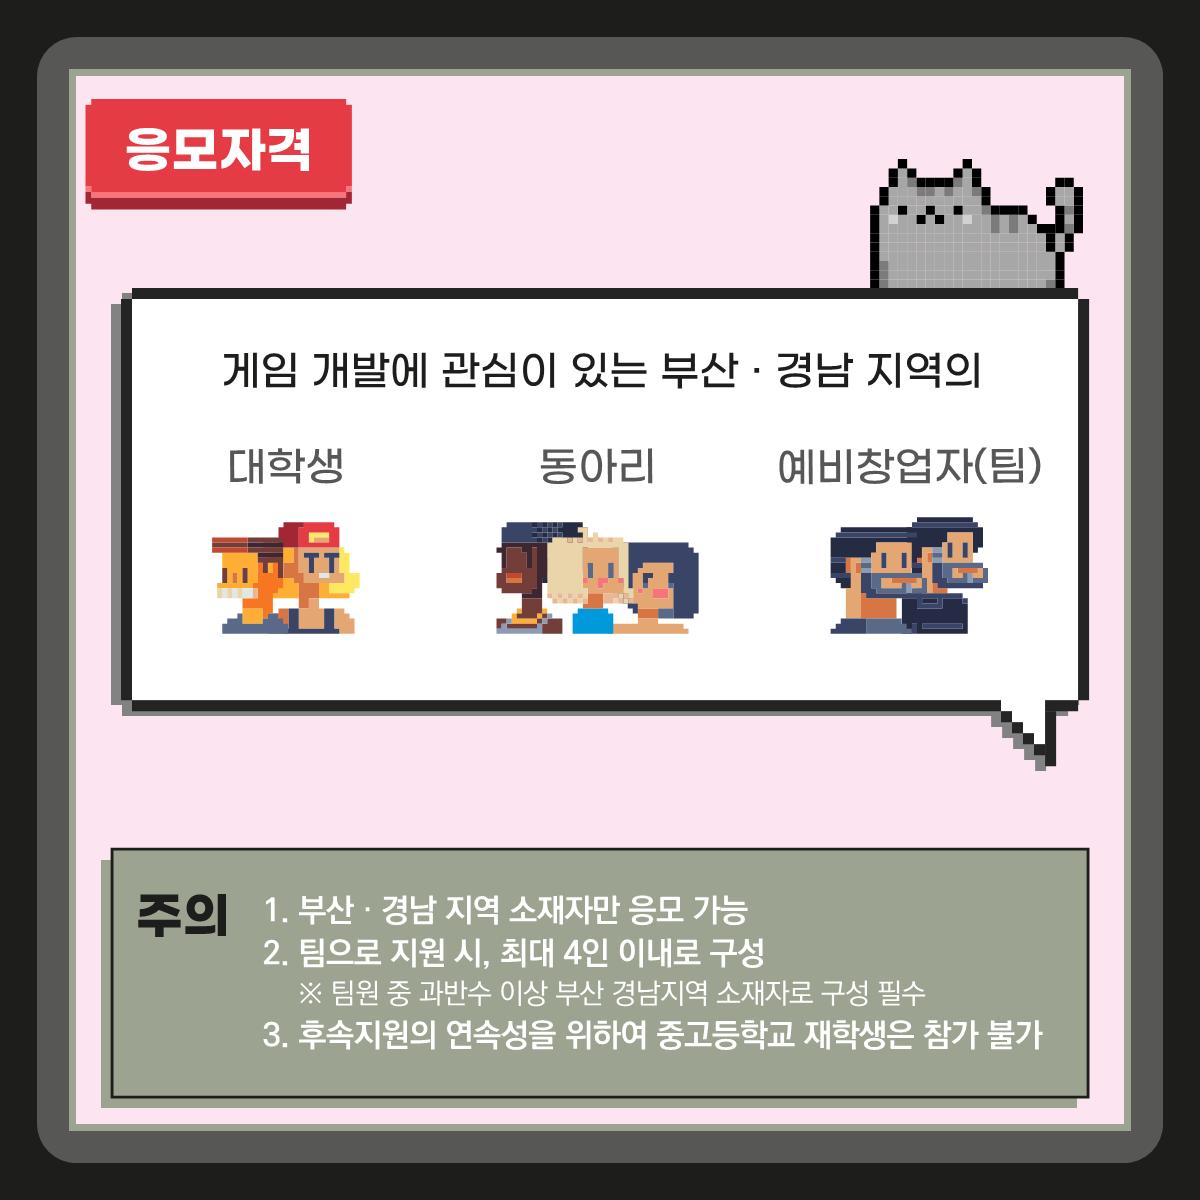 0818_부스타게임챌린지_2.png